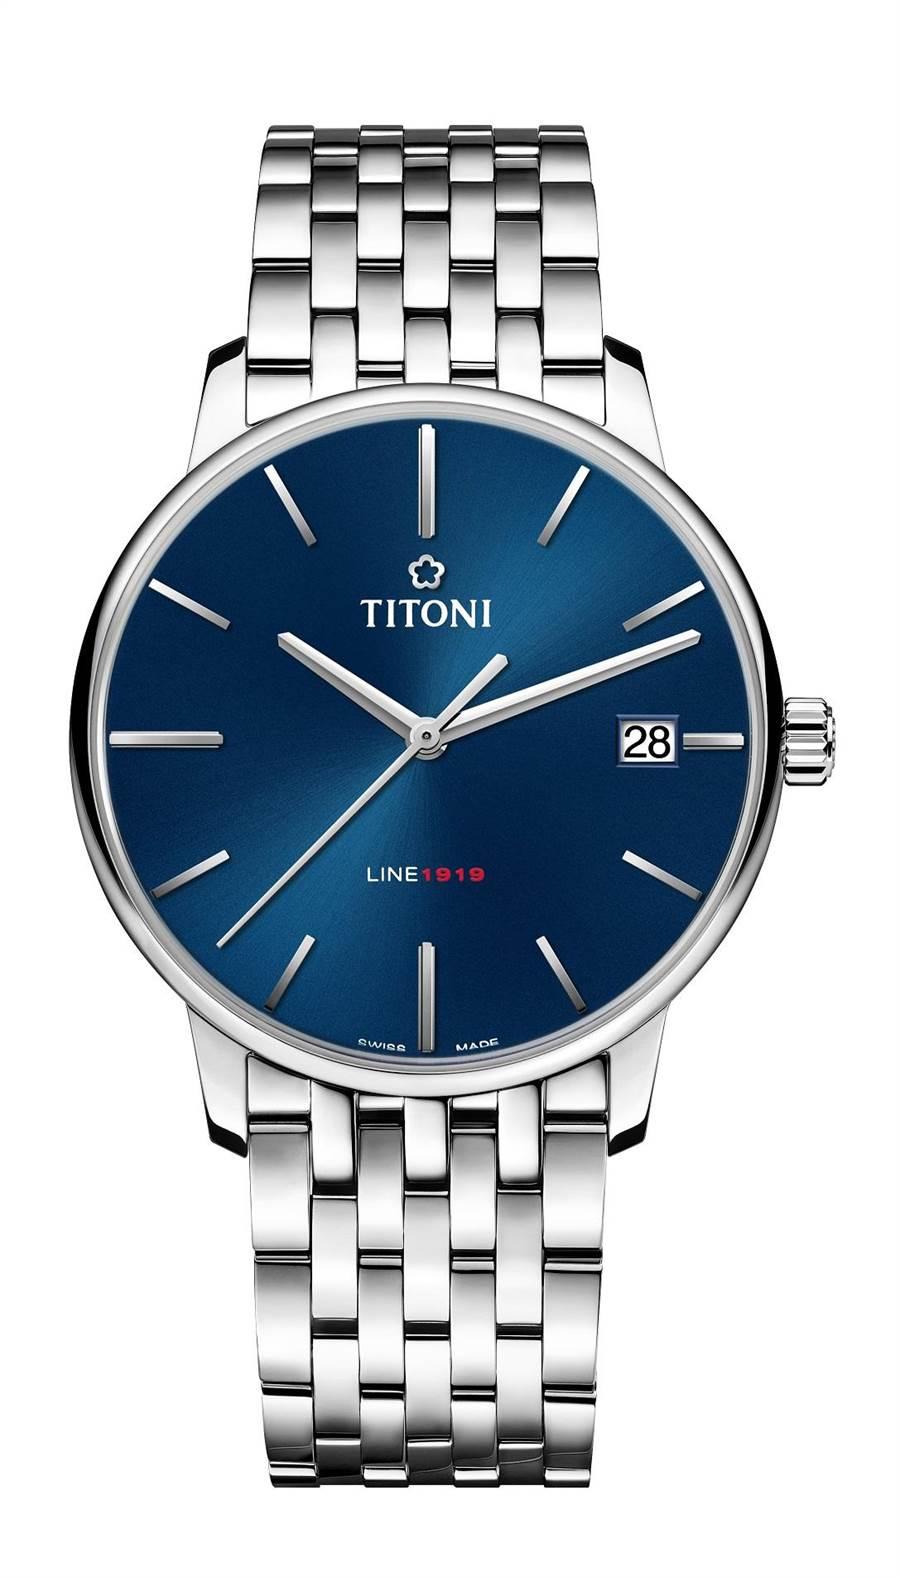 梅花表為歡慶百年推出「LINE1919」系列腕表,首度搭載自製機芯T10,5萬9800元。(TITONI提供)